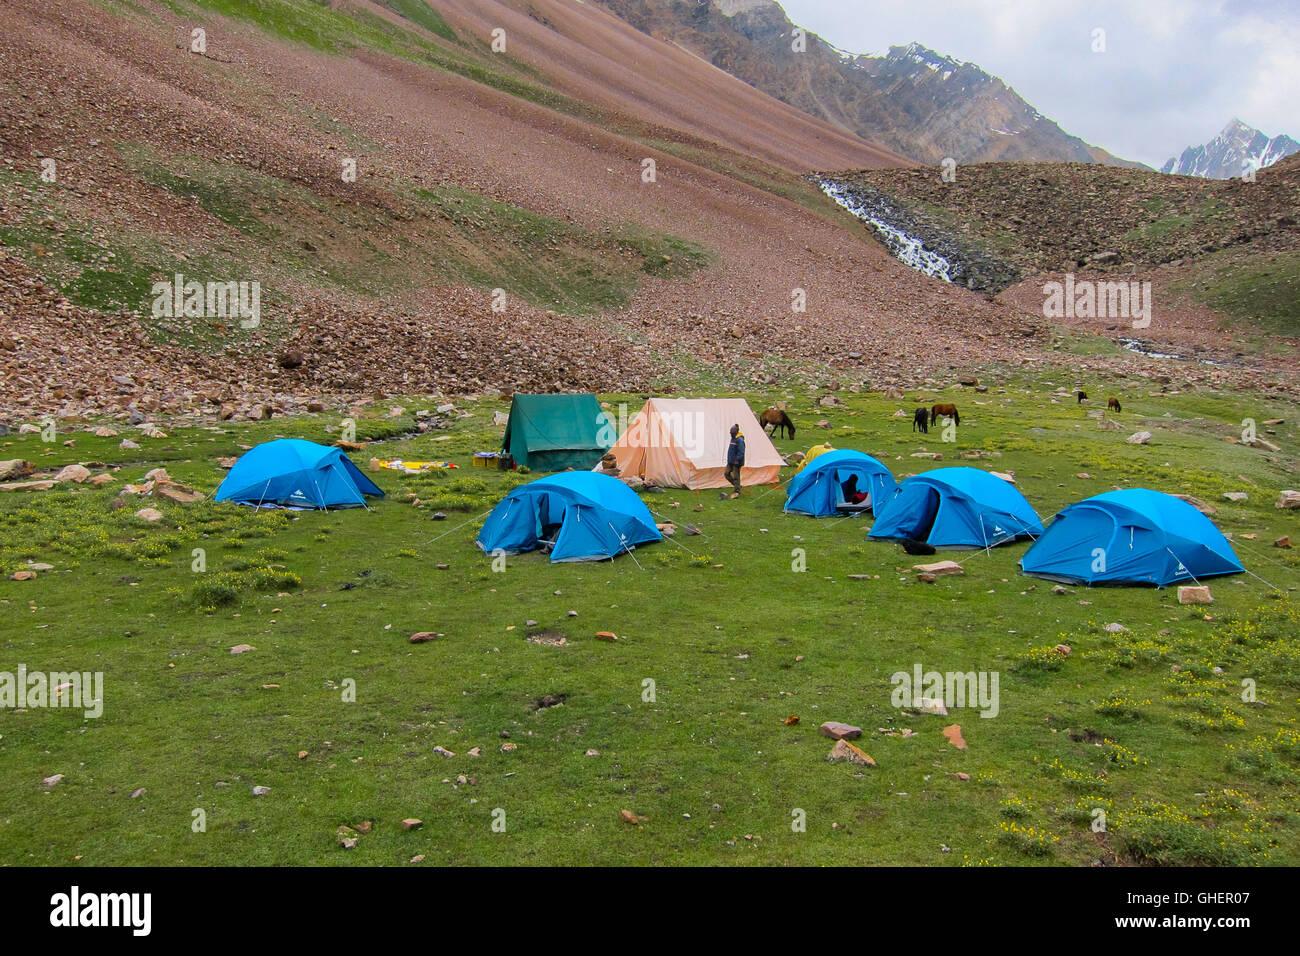 Camping Ground - Bhaba Pass Trekking trail (Himachal Pradesh, India) - Stock Image